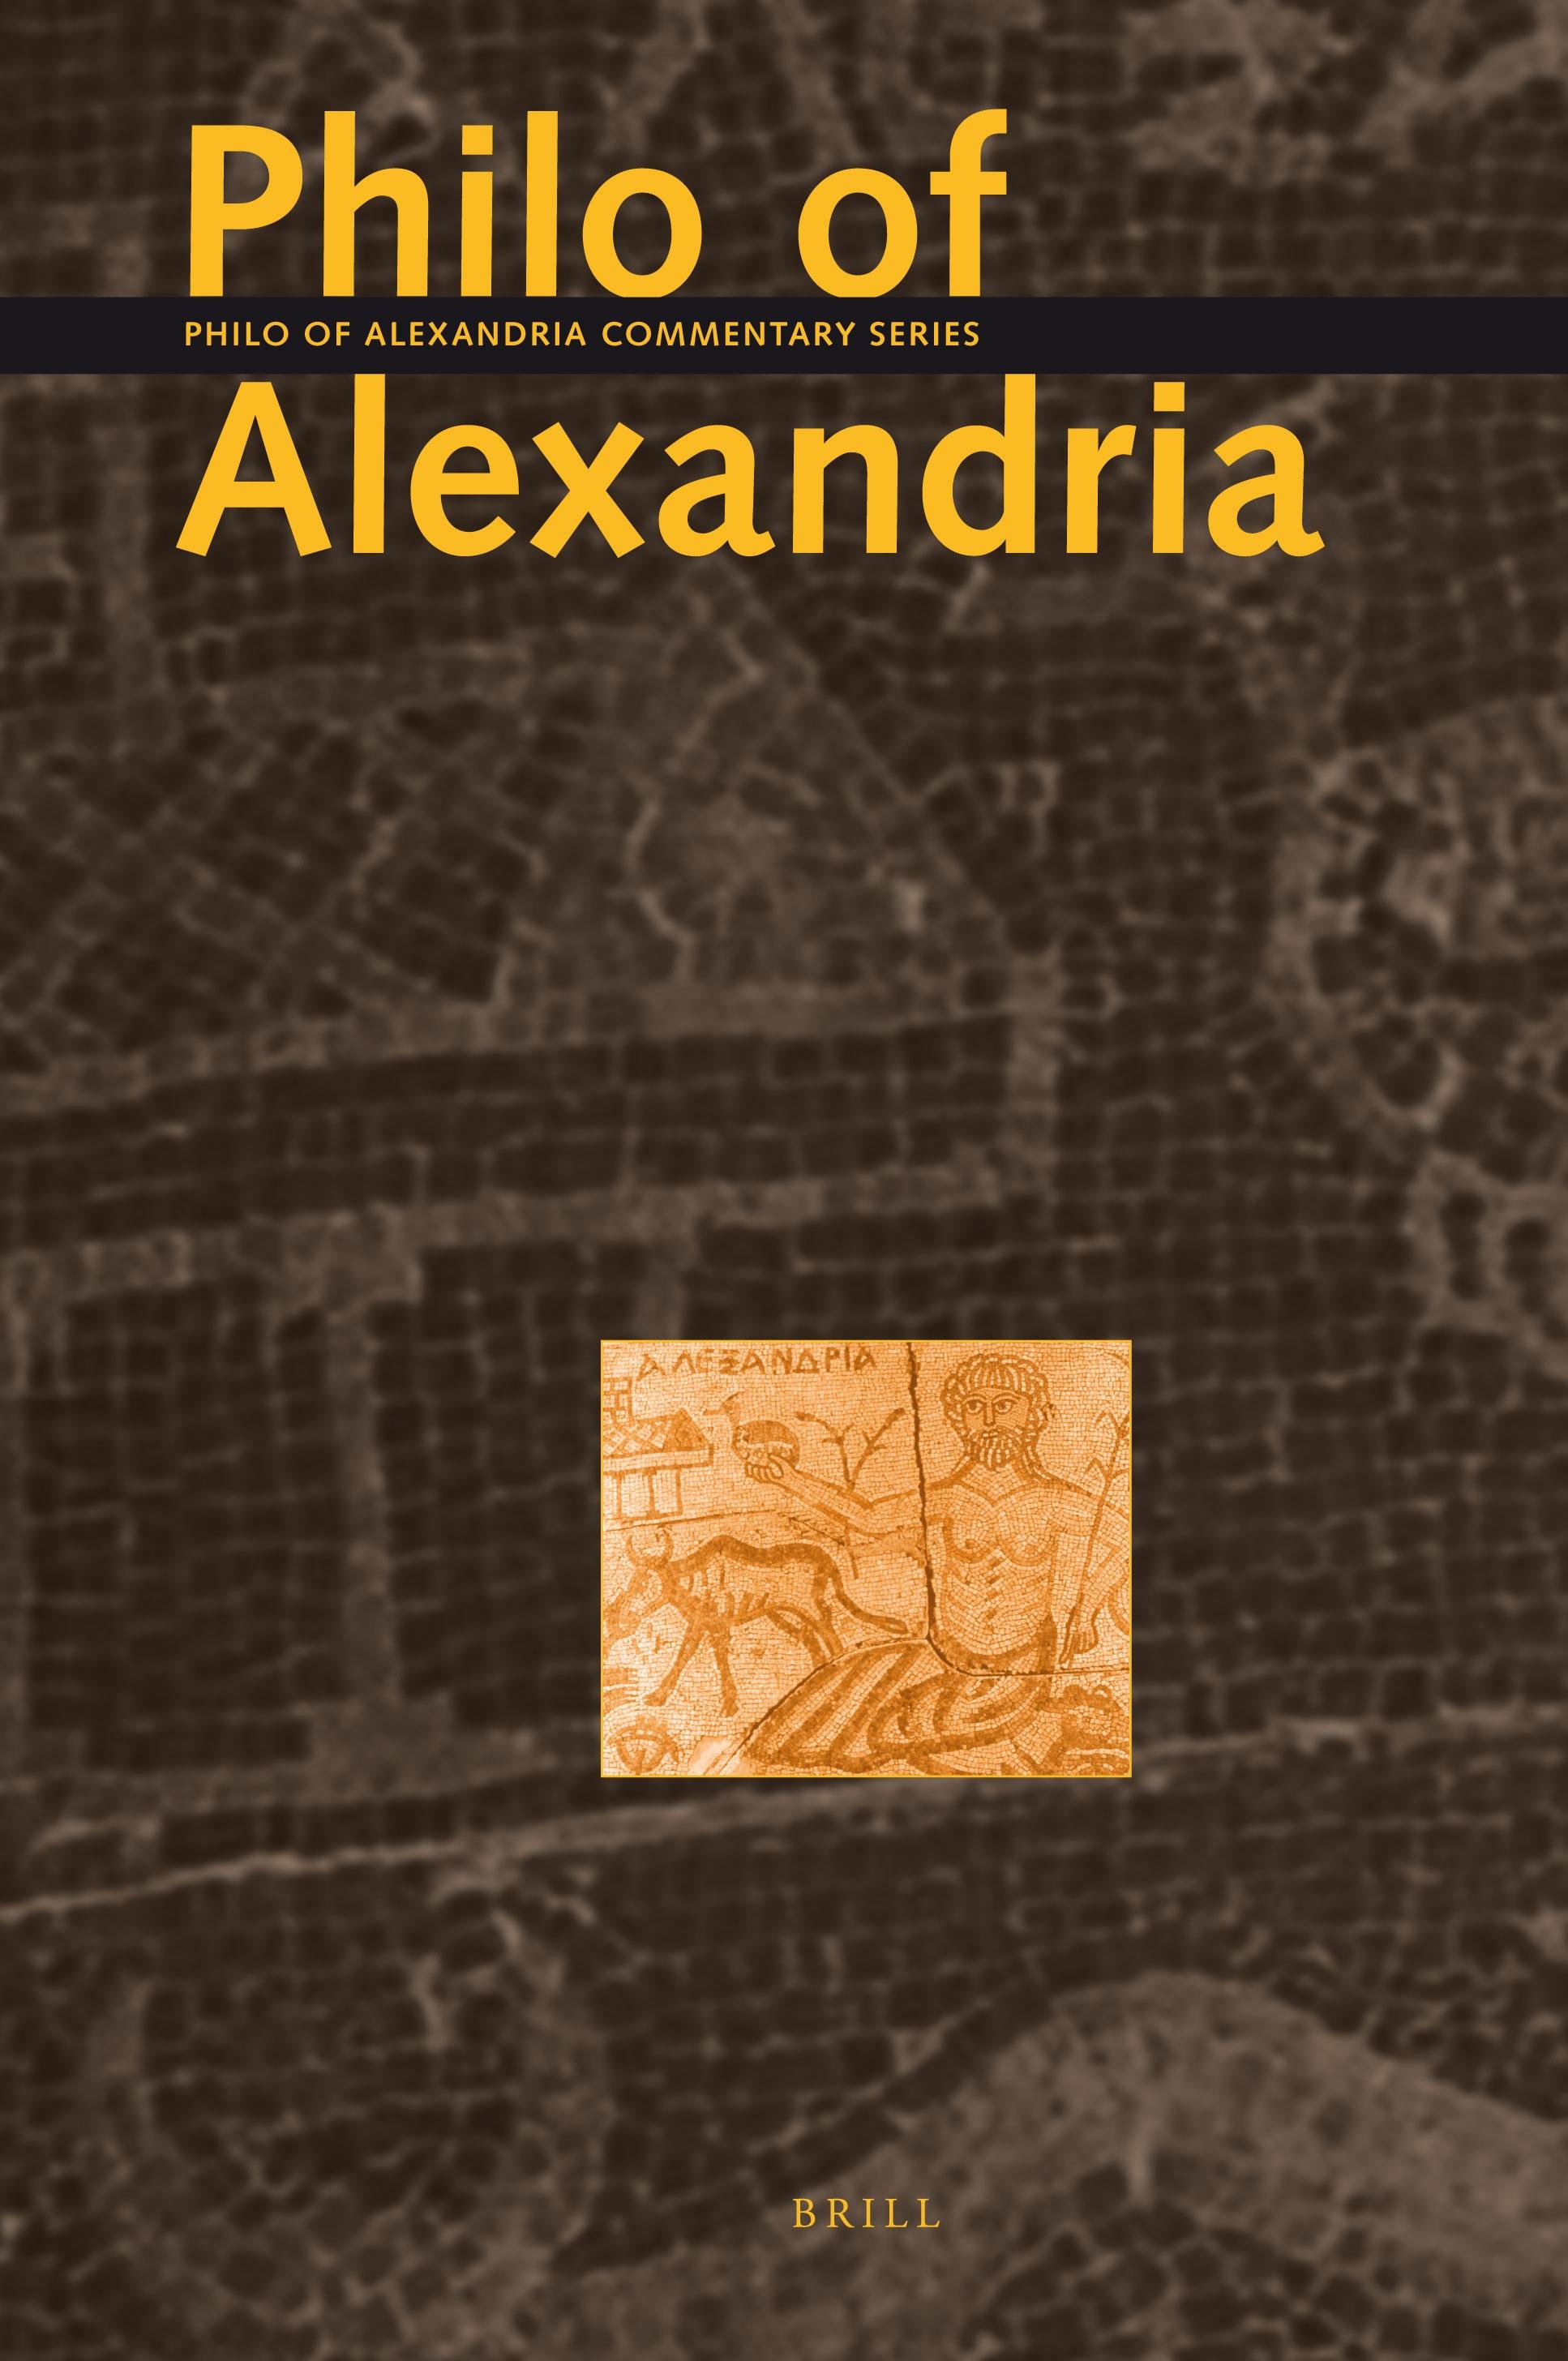 Philo of Alexandria Commentary Series